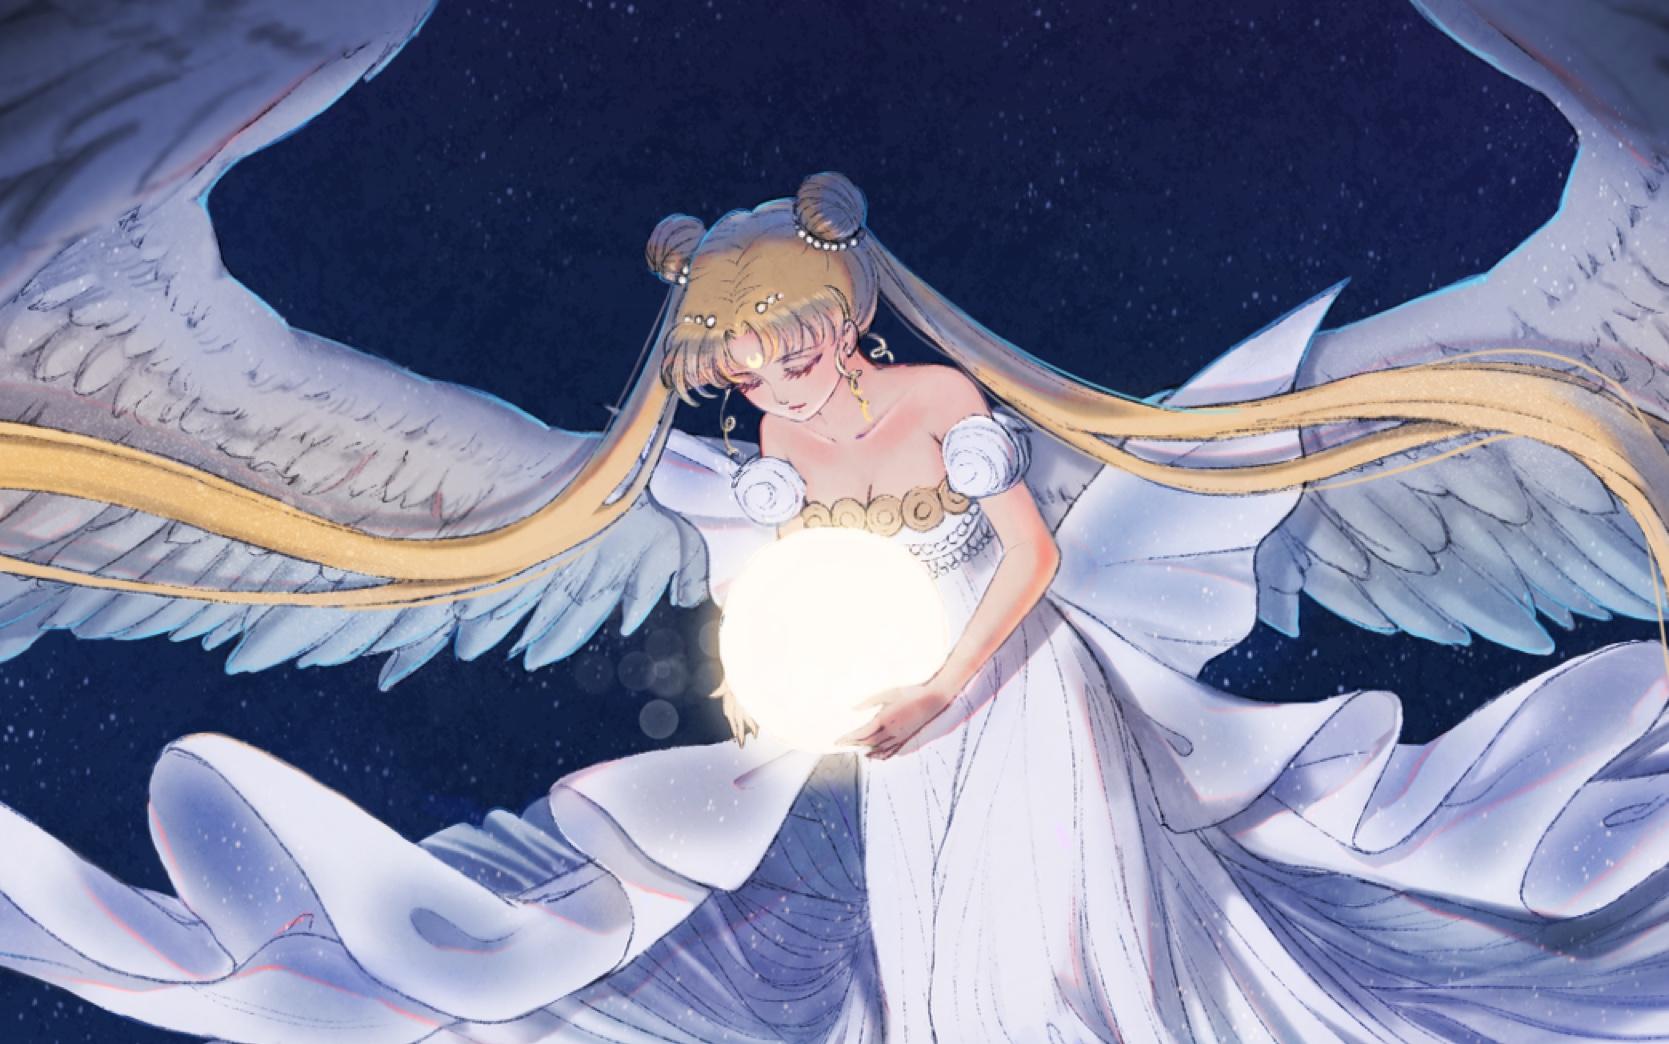 轮奸美少女战士_【ipad pro绘画】美少女战士月亮公主同人图【atatos】